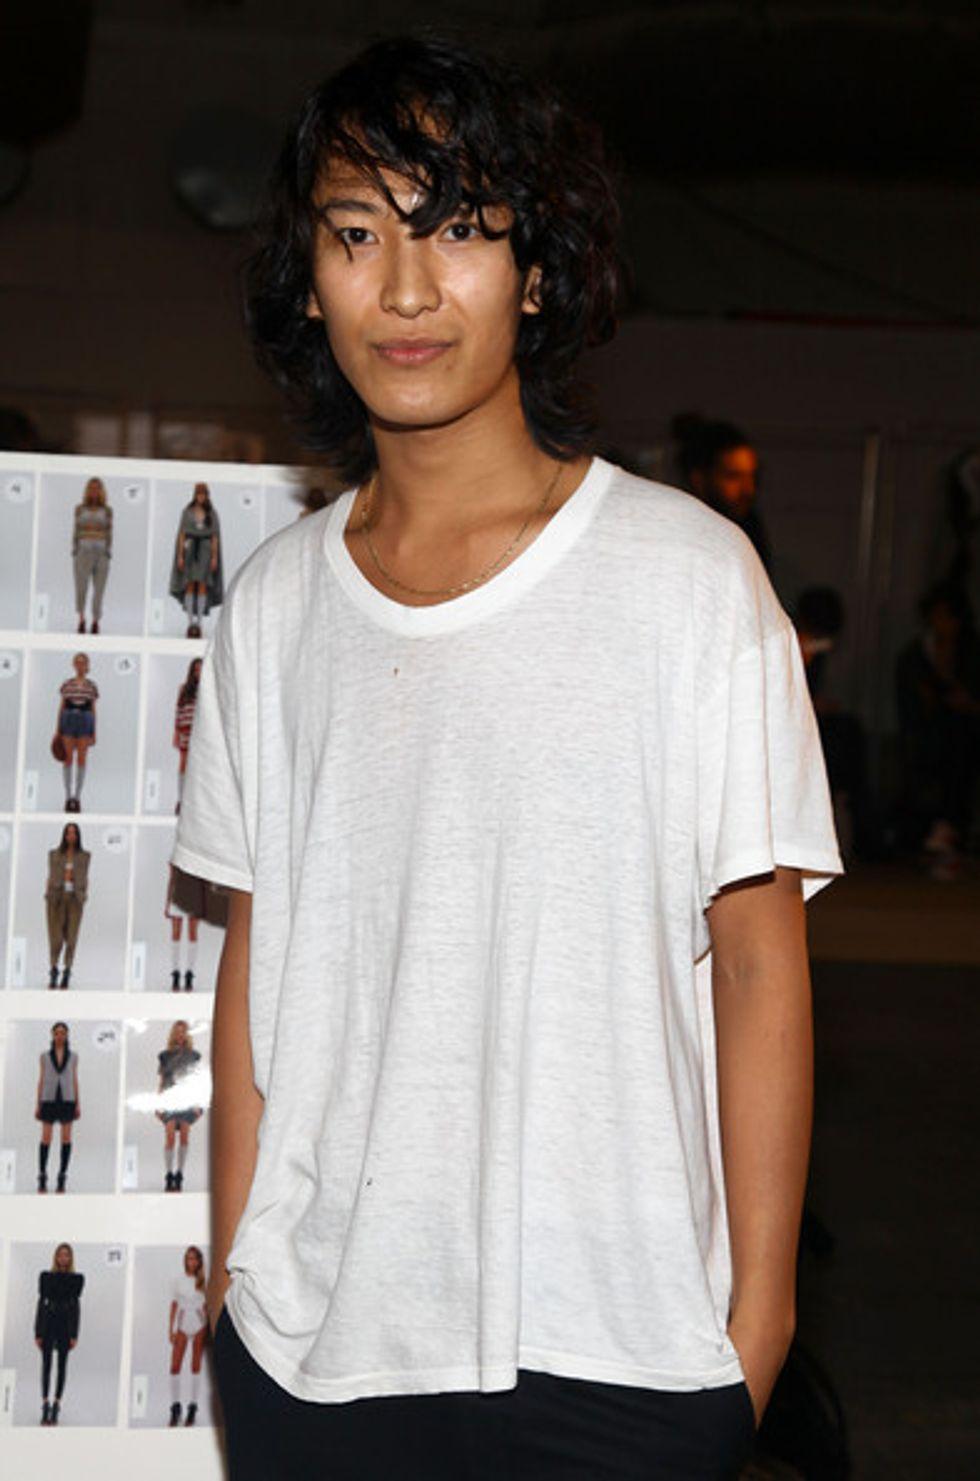 Alexander Wang Will Do a Menswear Line + Joseph Altuzarra Will Hold a Sample Sale